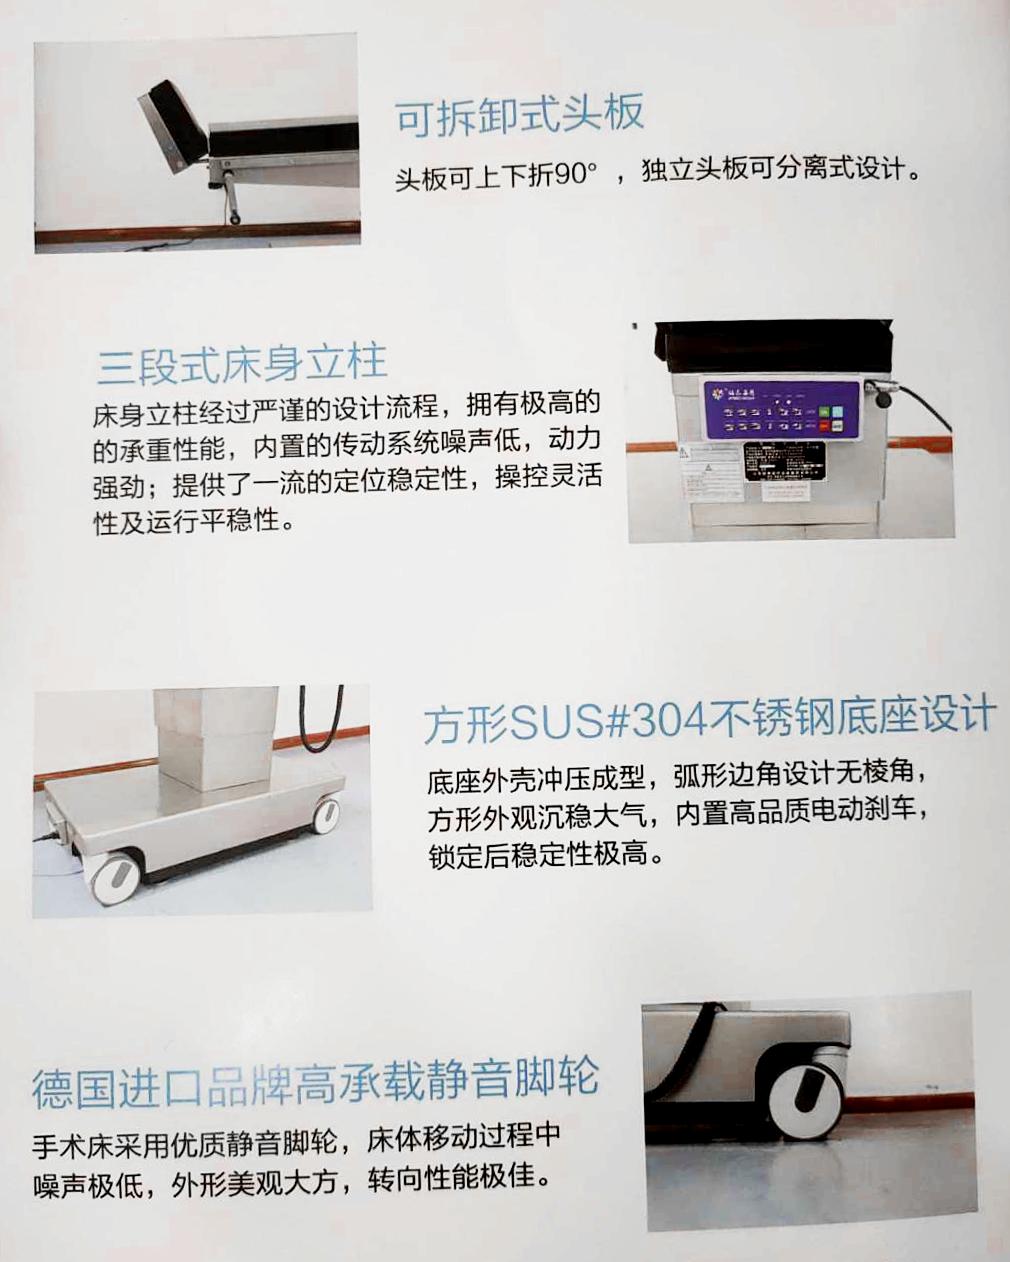 电动液压骨科综合影像手术台 骨科综合影像手术台 MT3080智慧配置